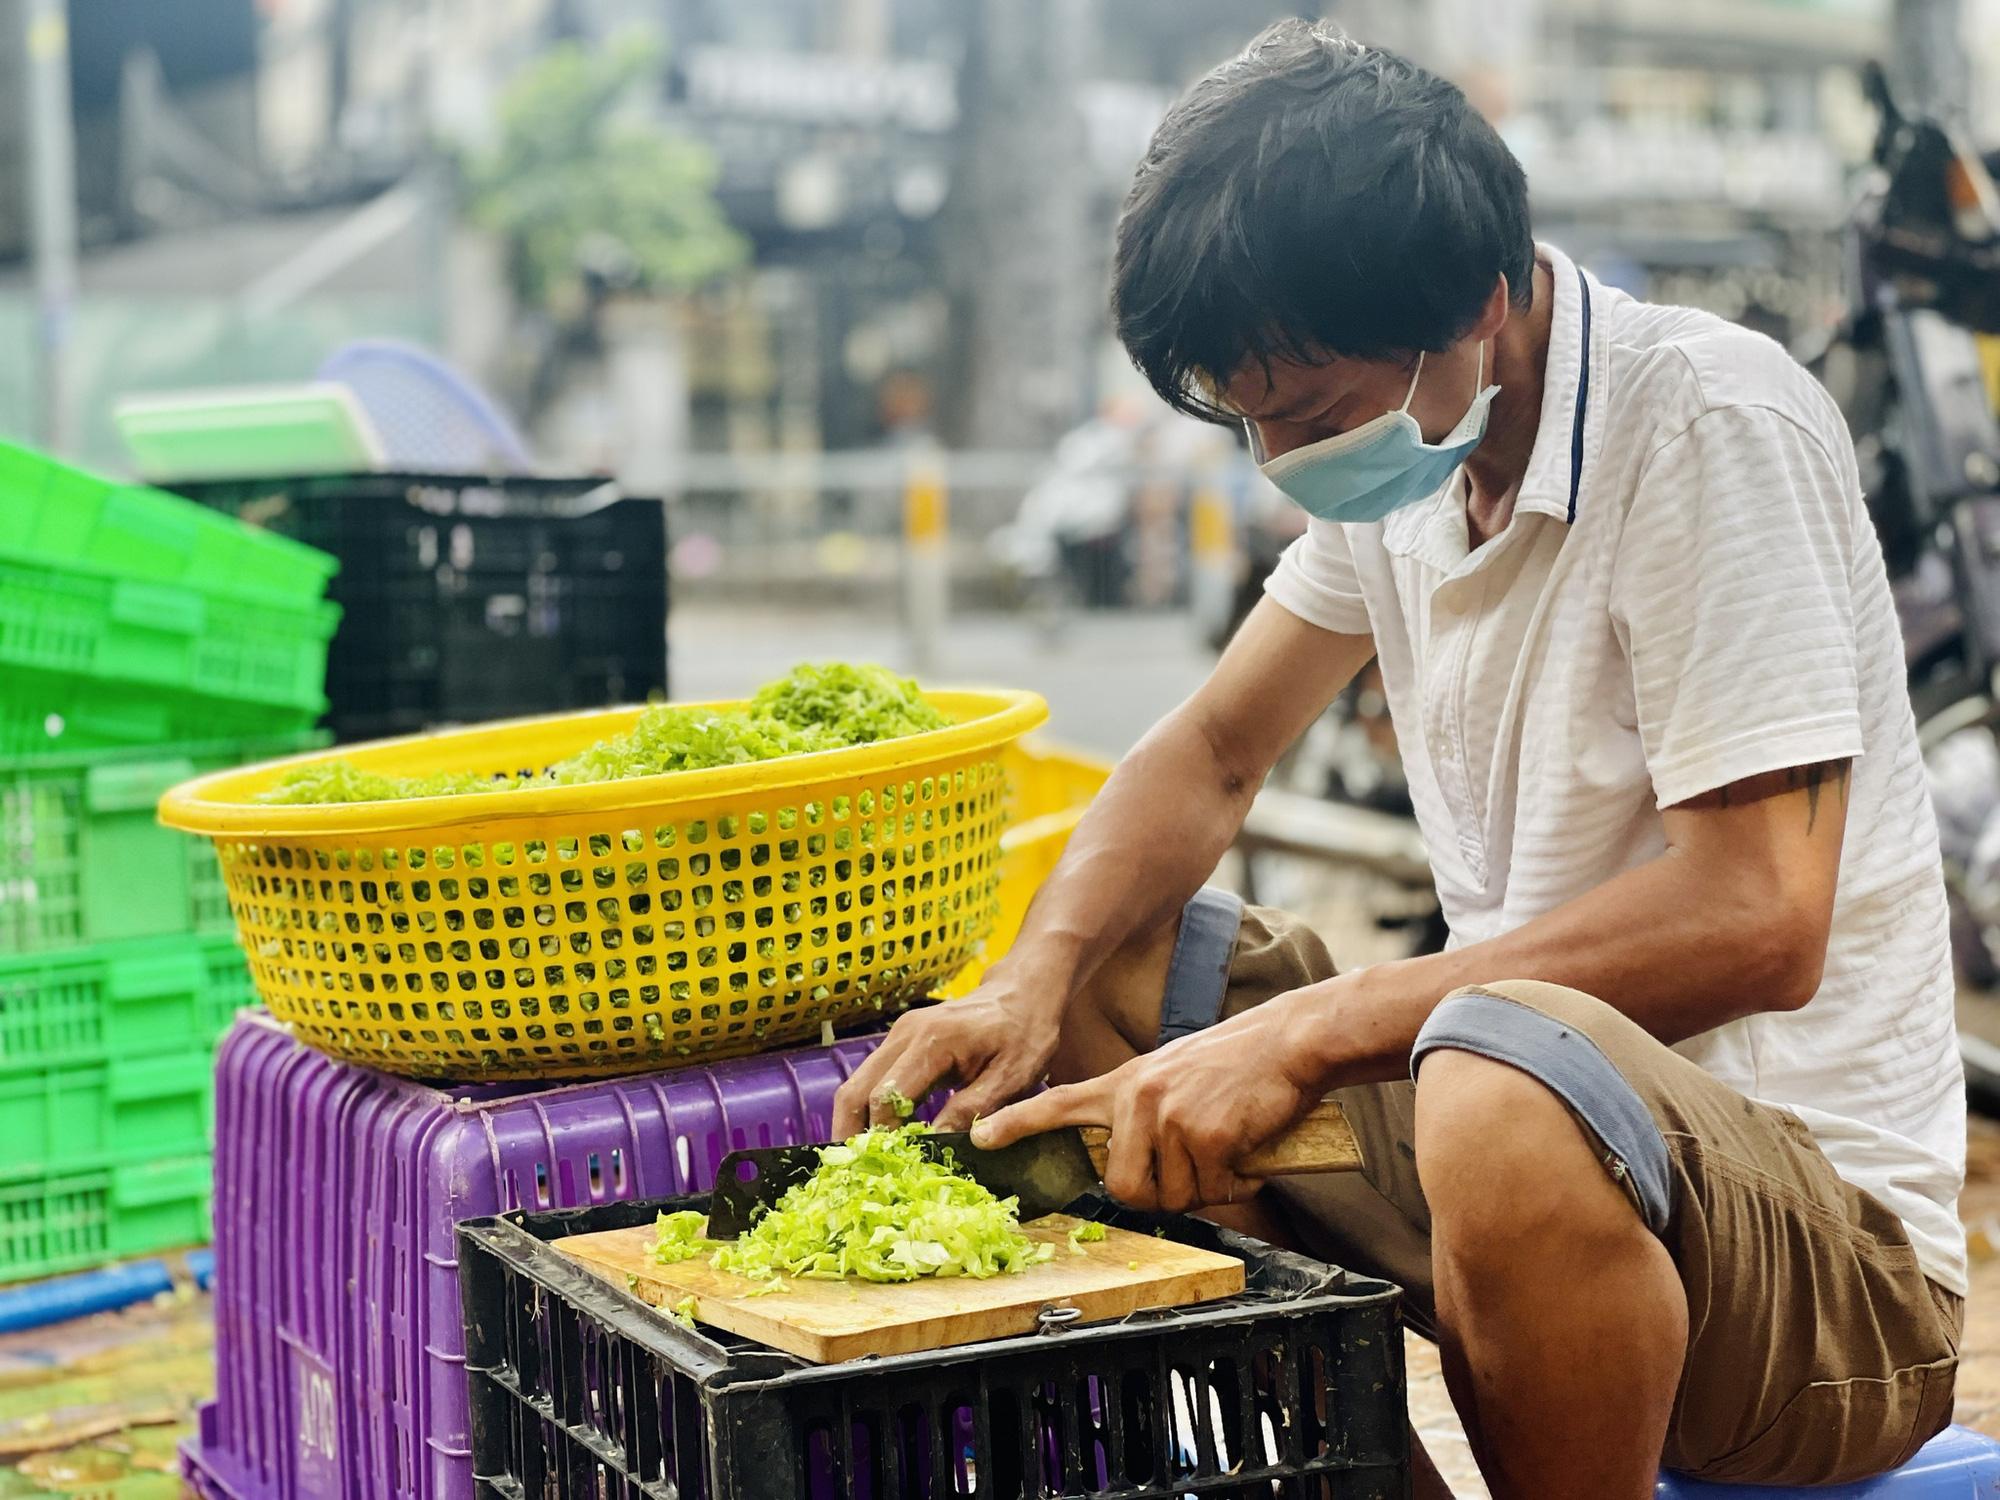 Góc ấm lòng ở Sài Gòn: Bà chủ chuỗi quán chay Mãn Tự mở 'chợ rau' 0 đồng lớn nhất Sài Gòn, mỗi ngày tặng 20 tấn rau & nấu 5-7 ngàn suất ăn - Ảnh 3.